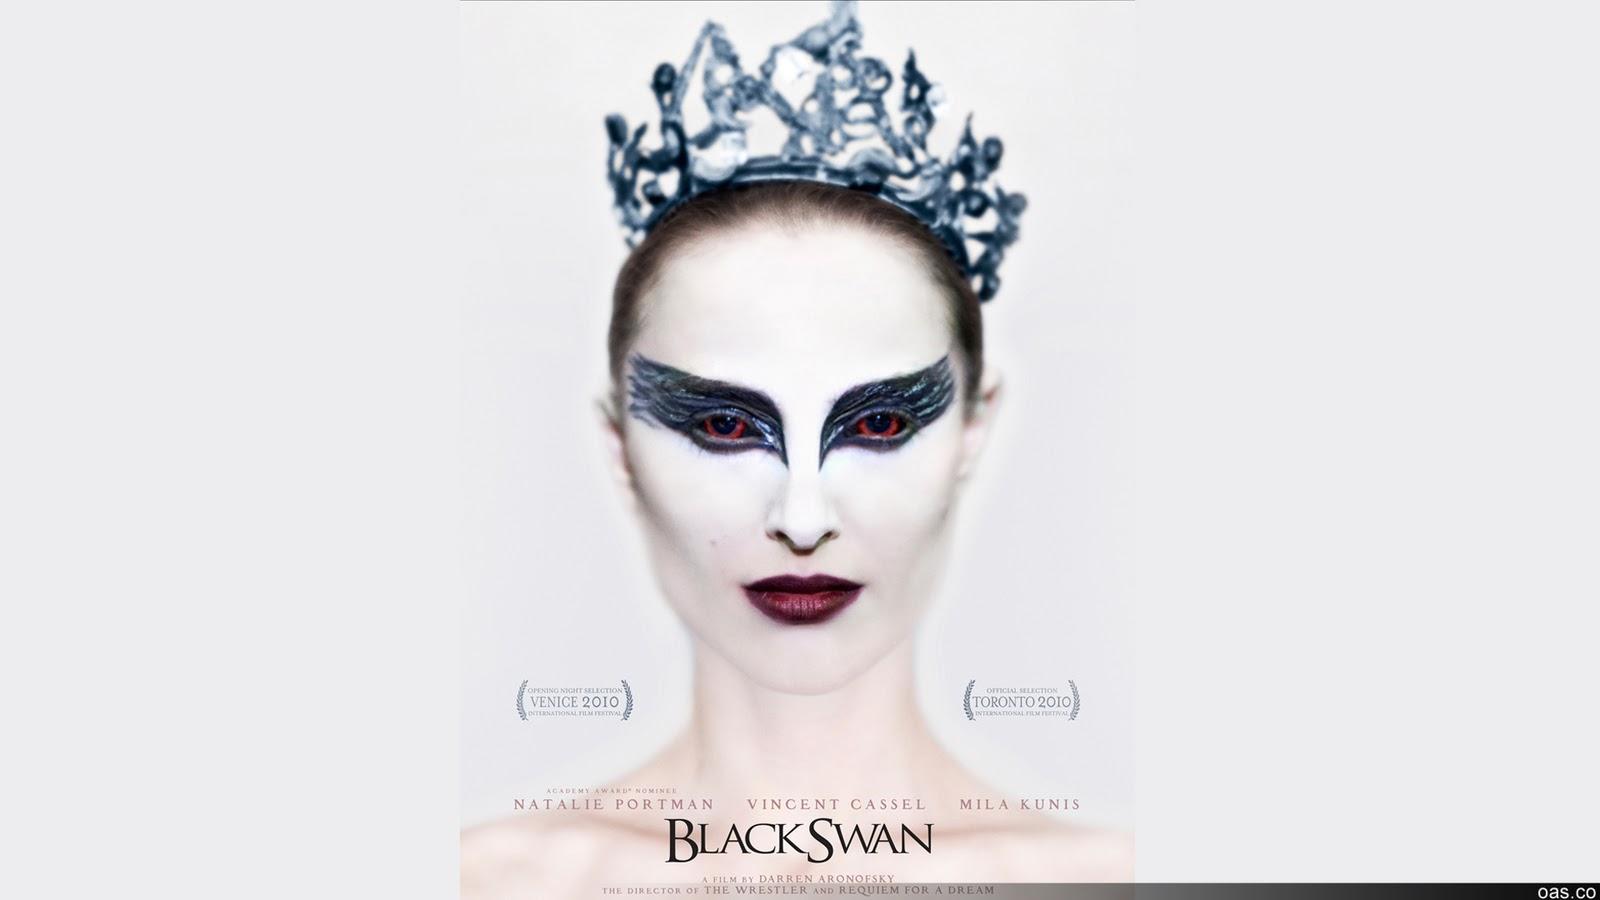 http://1.bp.blogspot.com/-51oiWs4qkSs/TV5cKafcfQI/AAAAAAAAAsM/ps7yqLNqvJg/s1600/black_swan_wallpapers_oas_a.jpg